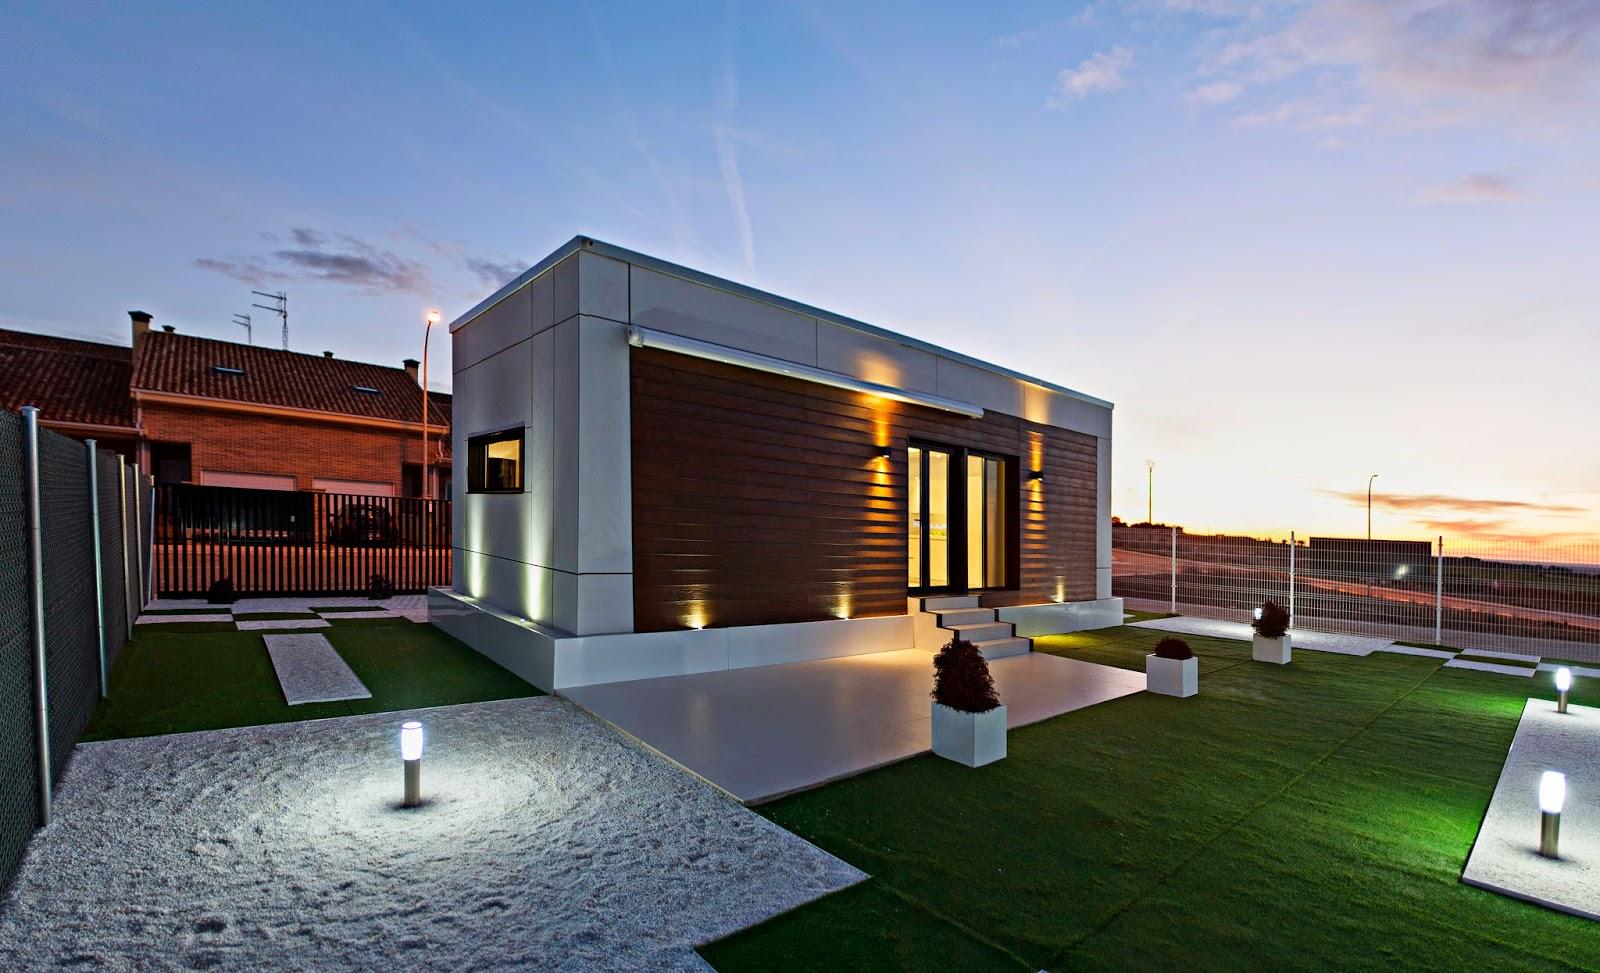 Seis prejuicios comunes contra las casas modulares for Casa moderna tipo loft